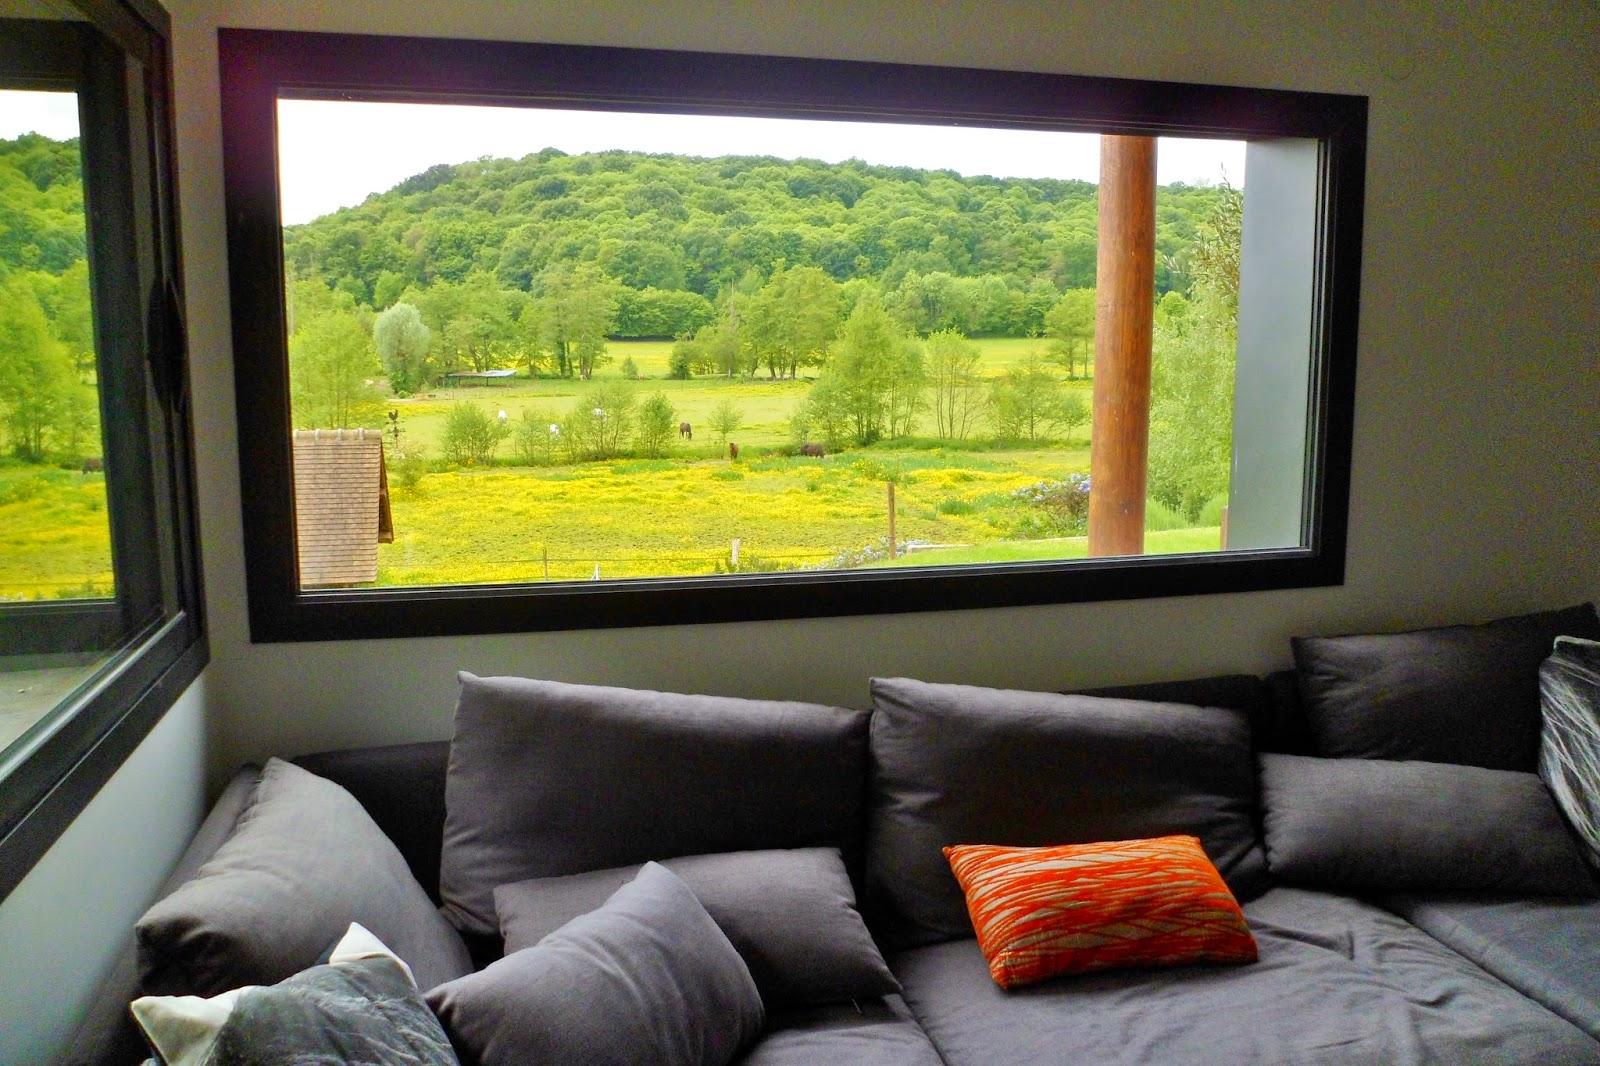 Adc l 39 atelier d 39 c t am nagement int rieur design d 39 espace e - Ikea canape soderhamn ...